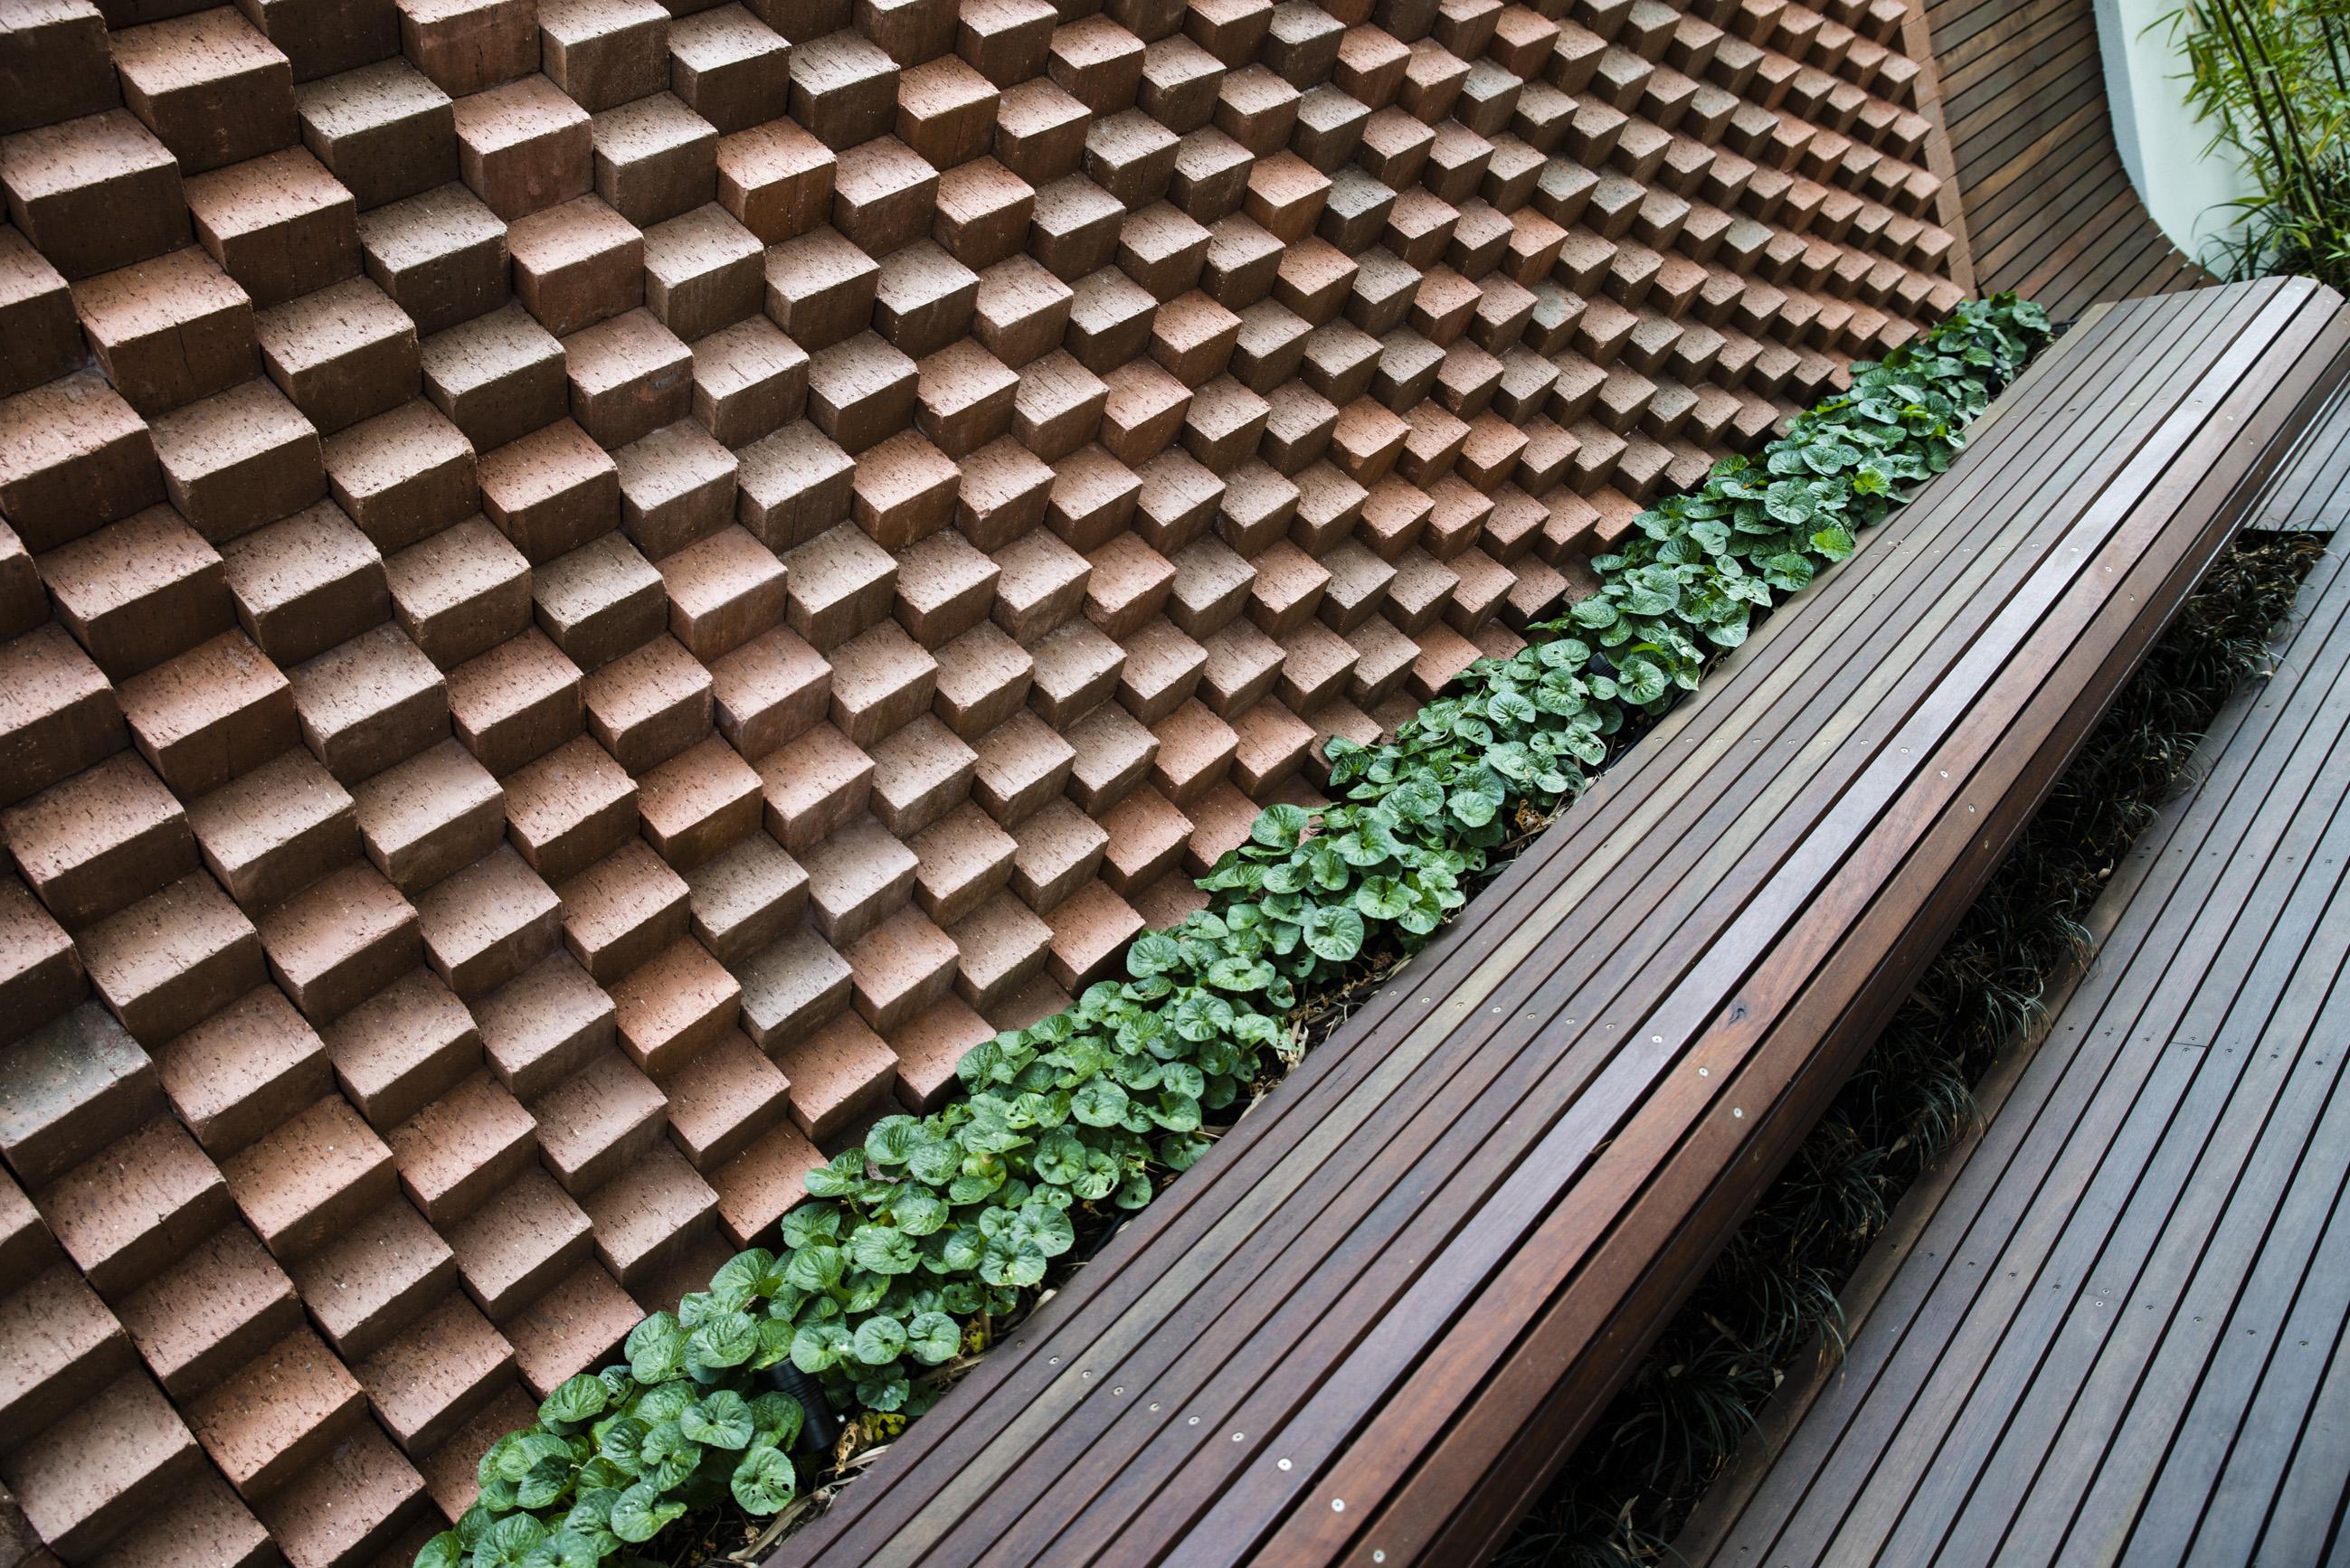 Bricks, Pavers, Brick Designs, Paver Designs